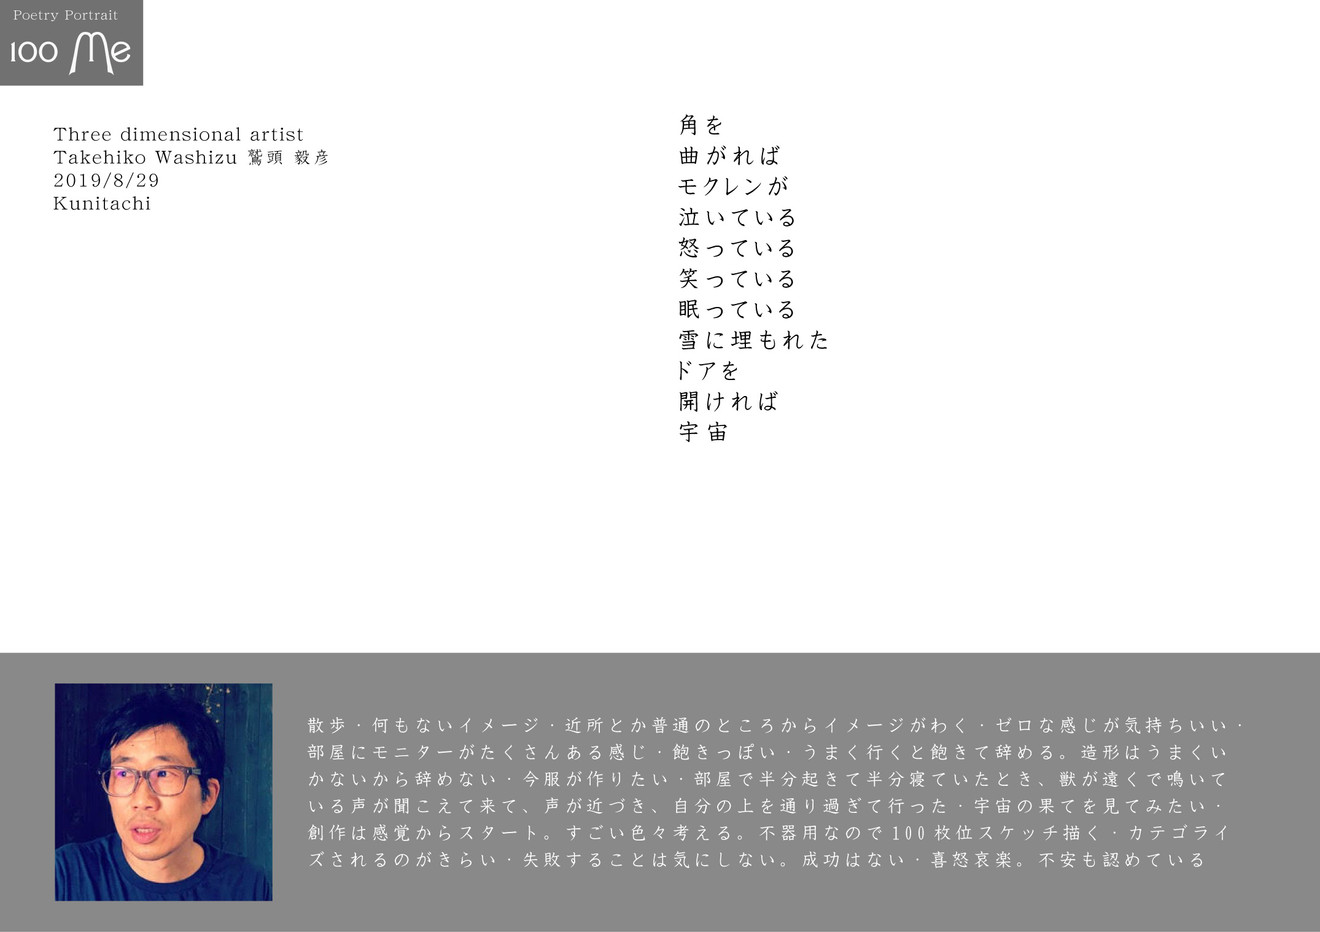 31-Takehiko Washizu 鷲頭 毅彦.jpg